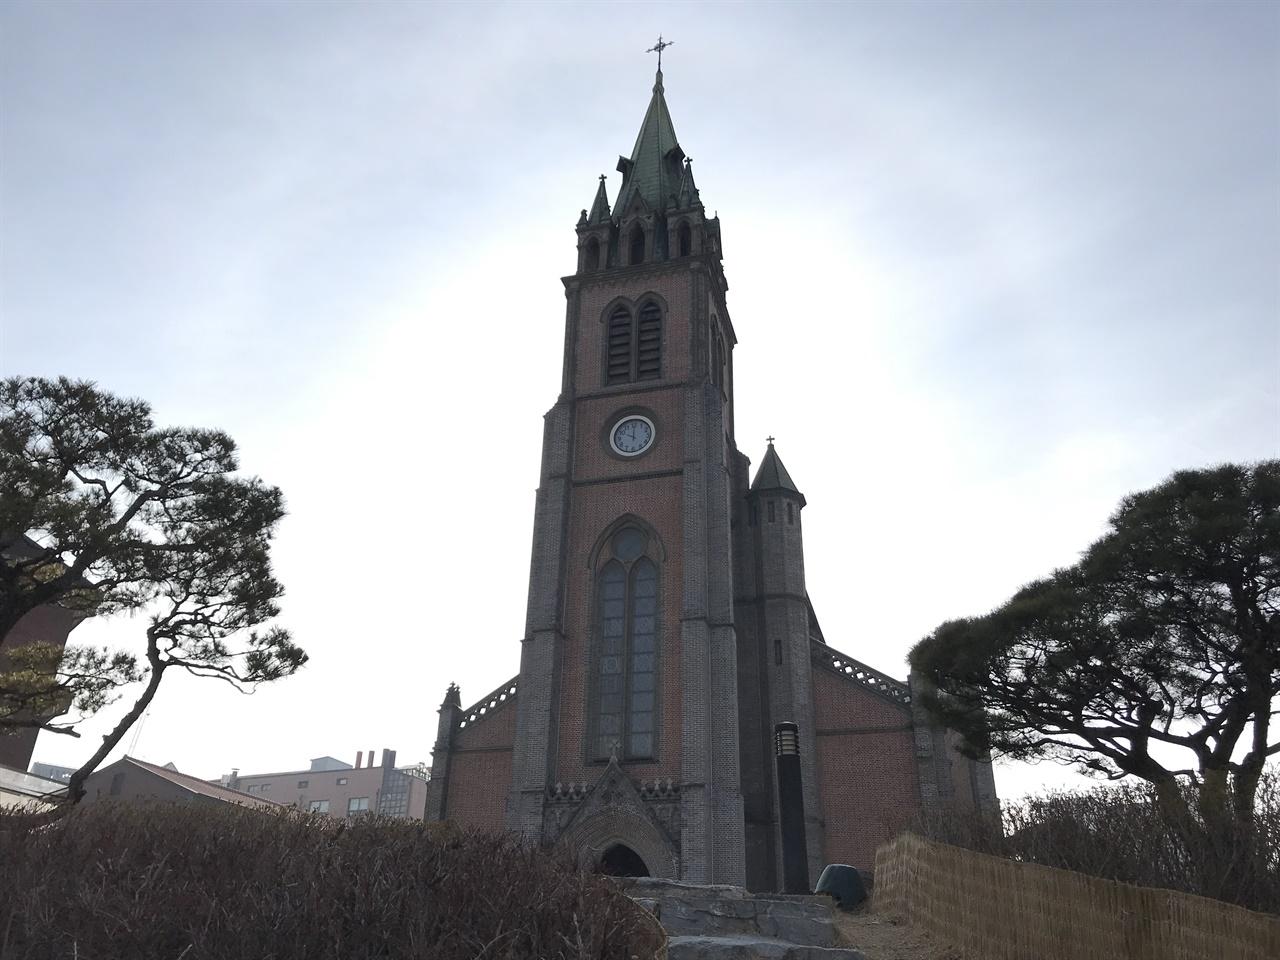 명동성당 한국 천주교를 대표하는 성당이자 건축물. 성당이 세워진 자리는 김범우의 집터로 이승훈이 세례를 주던 곳이다. 고딕 양식으로 지은 명동성당은 약현성당을 설계한 코스트(E. J. G. Coste) 신부가 설계했다. 명동성당은 1892년 공사가 시작되어 1898년 5월 완공되었다.